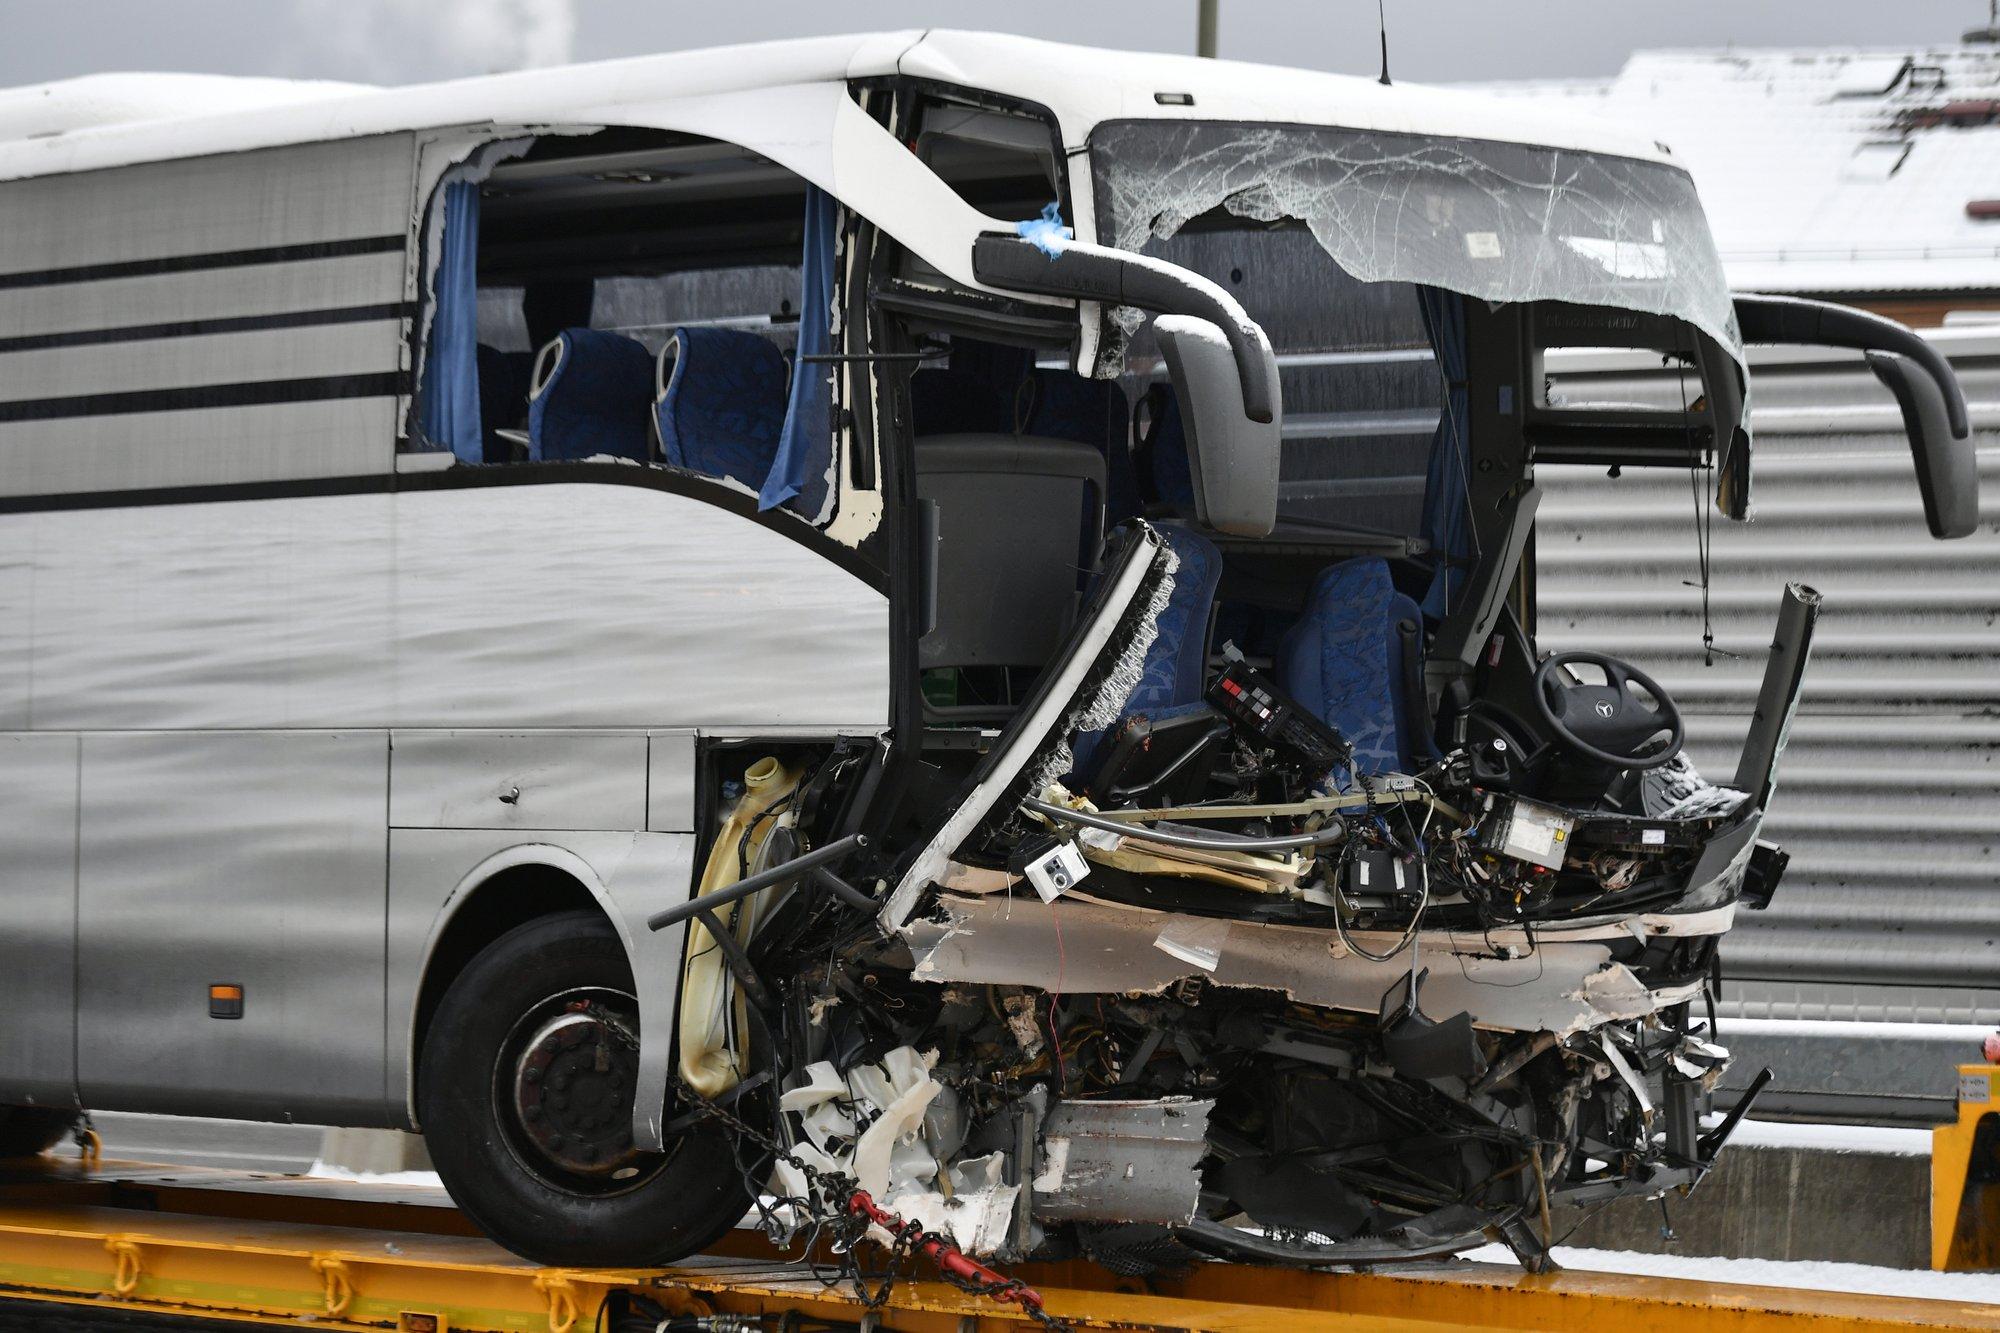 1 dead, 44 injured in Switzerland bus crash